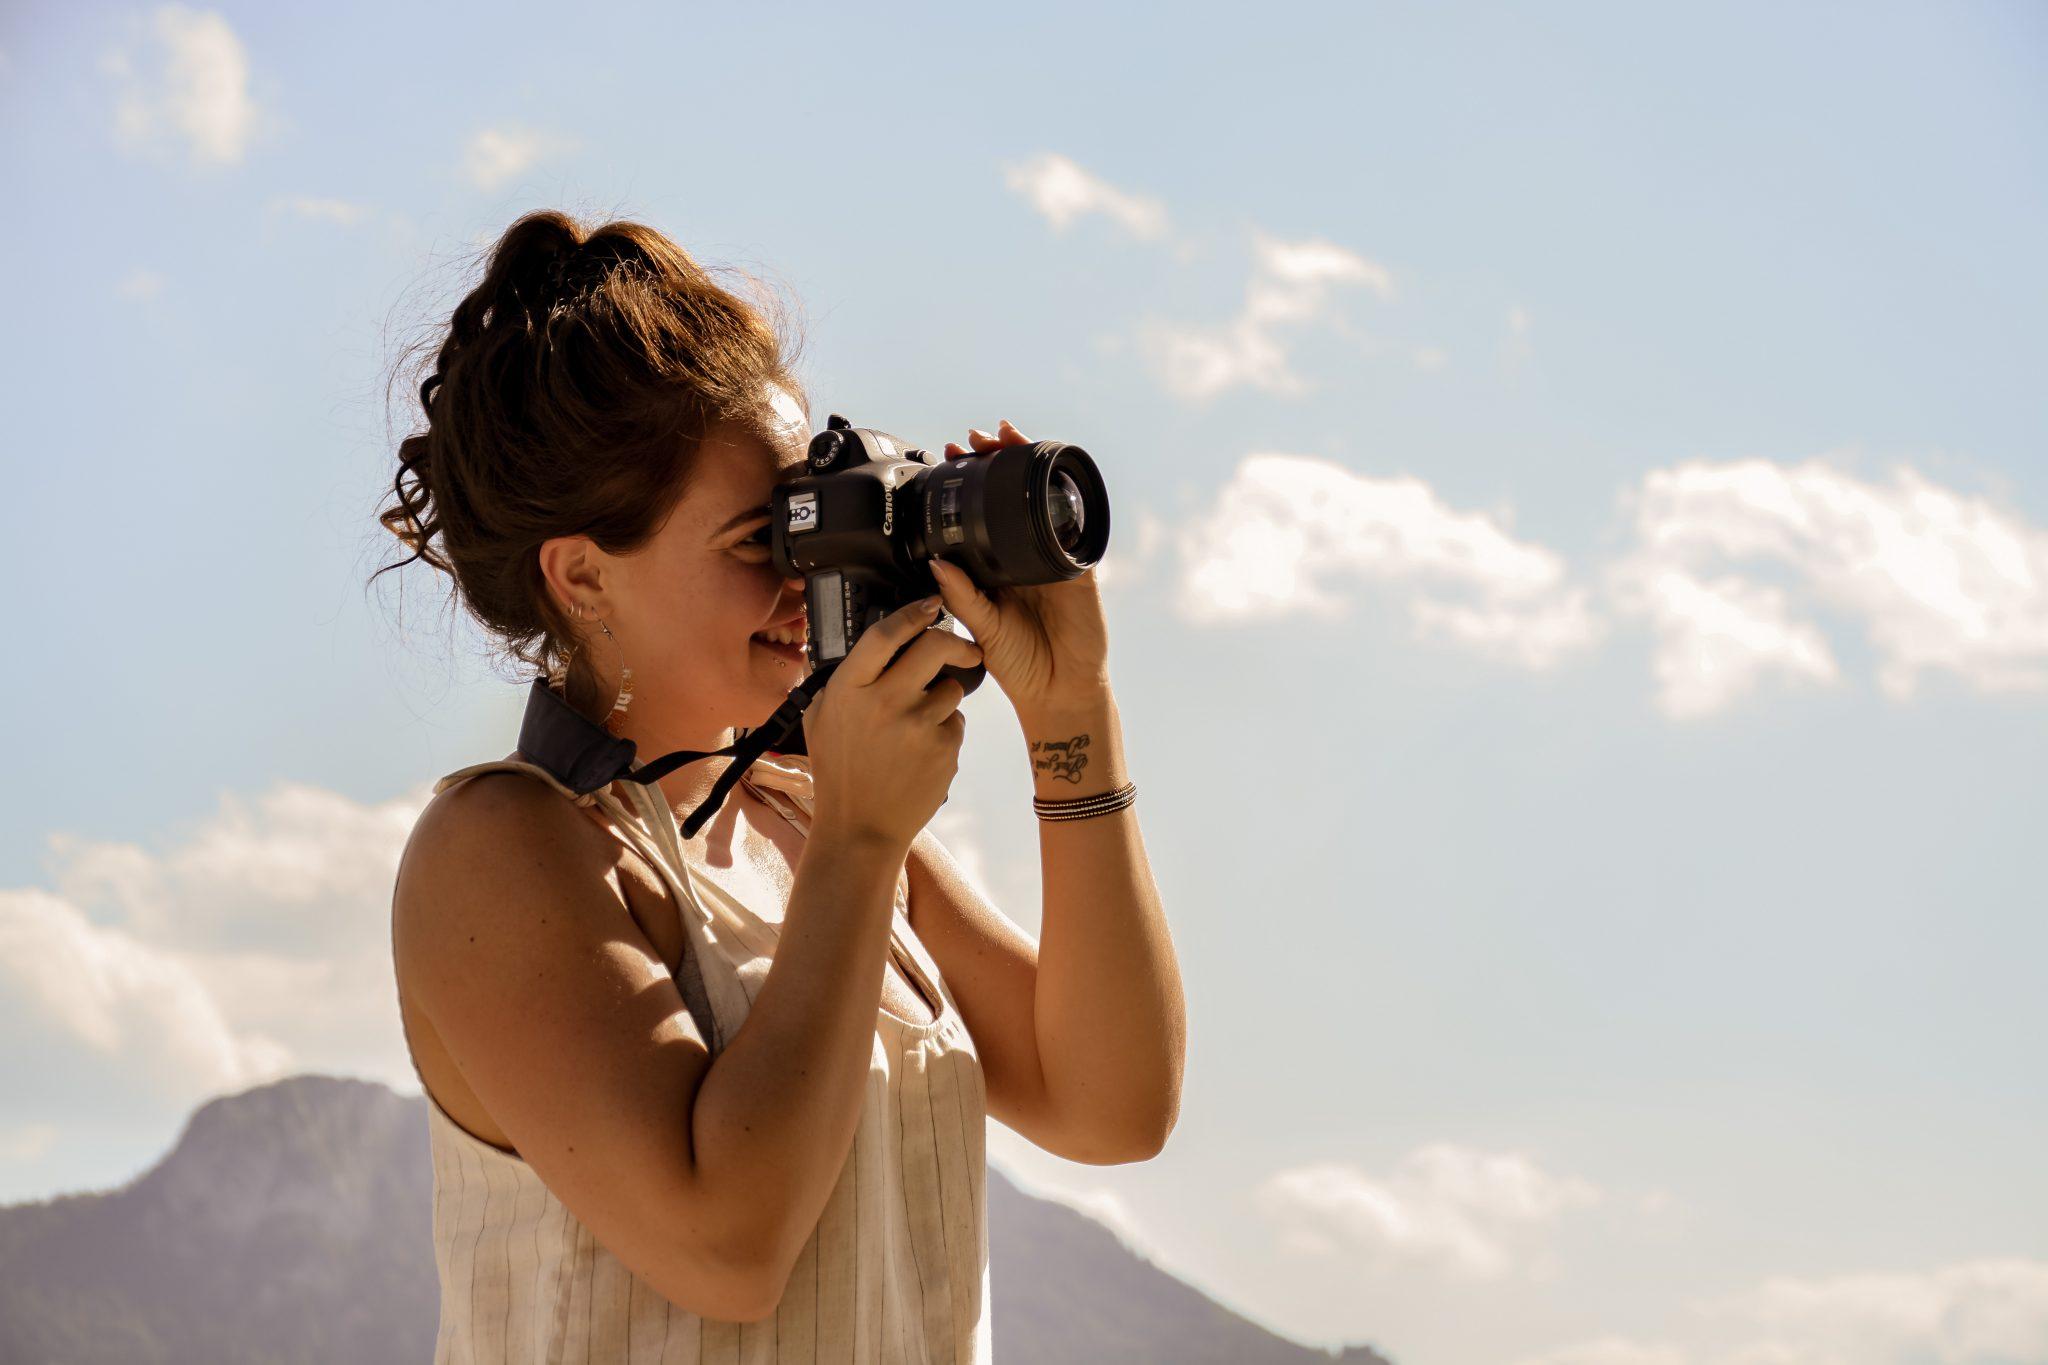 Portraitfoto von Linda Mayr beim fotografieren, Fotografin & Mediendesignerin und Inhaberin Lichtgrün Design & Photo